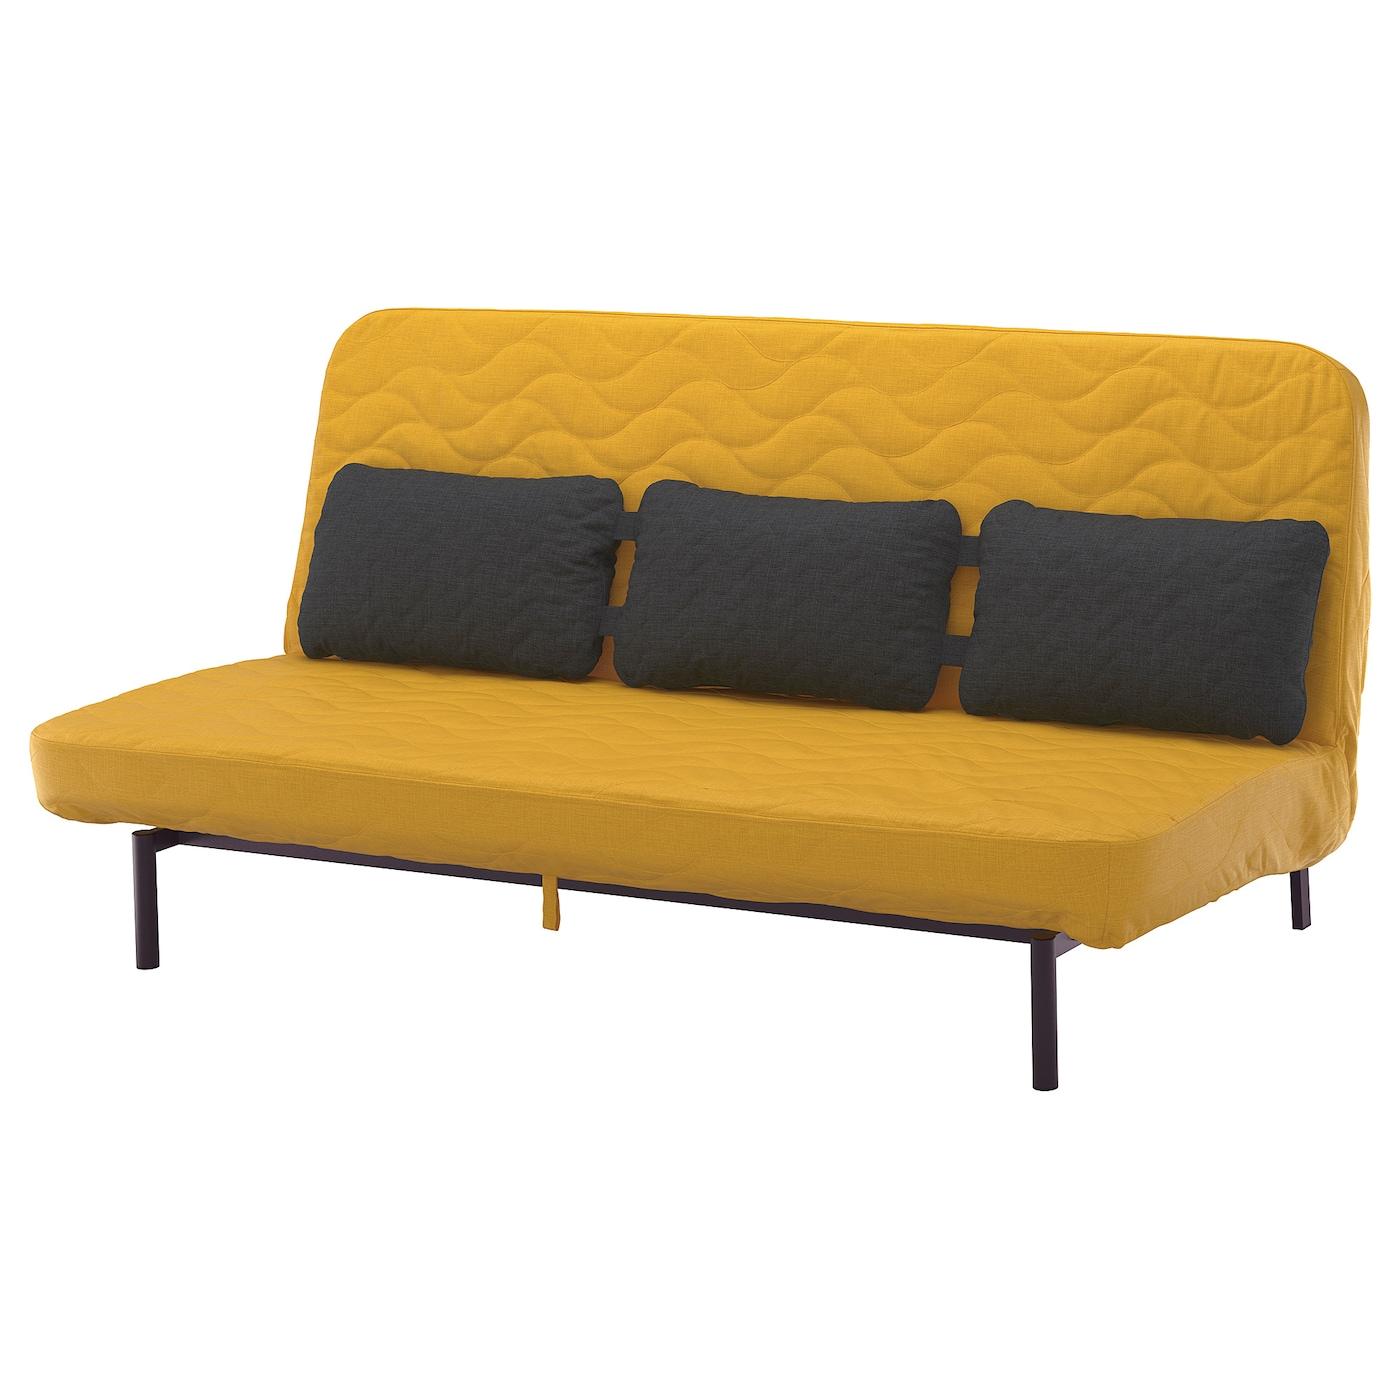 IKEA NYHAMN Sofa rozkładana z potrójną poduchą, z materacem piankowym, Skiftebo żółty